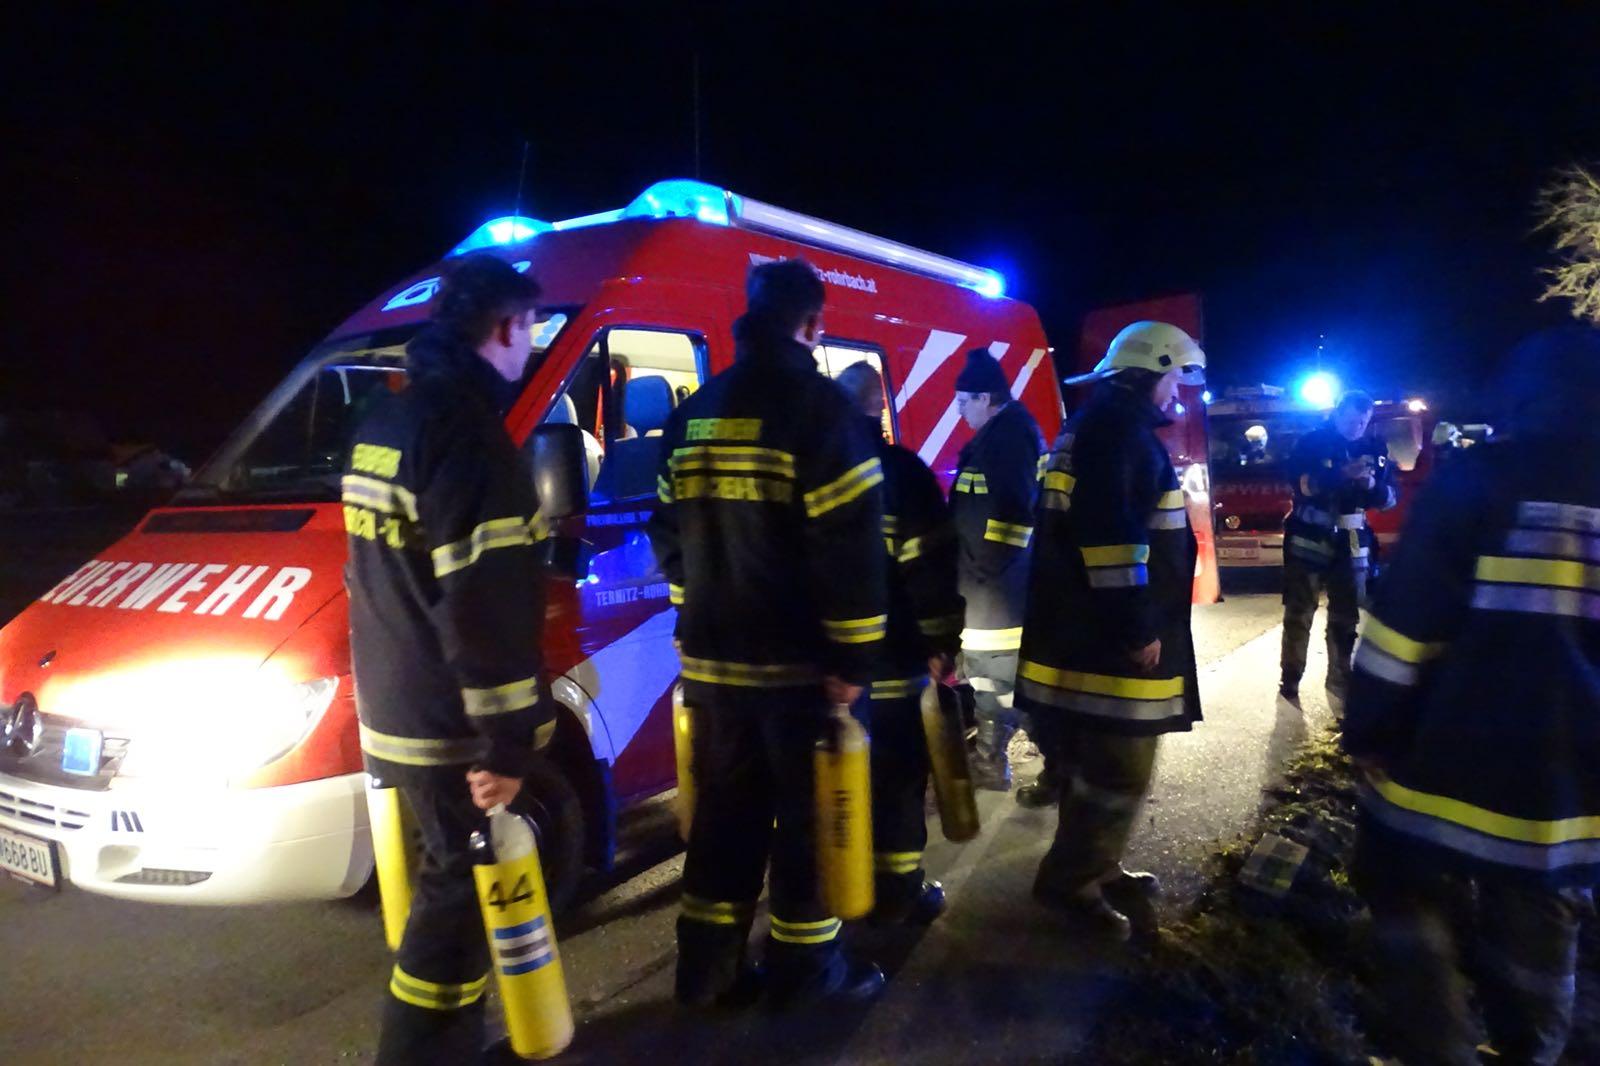 Feuerwehrausfahrt rücksichtslos verparkt – Frau starb bei Brand in Diepolz